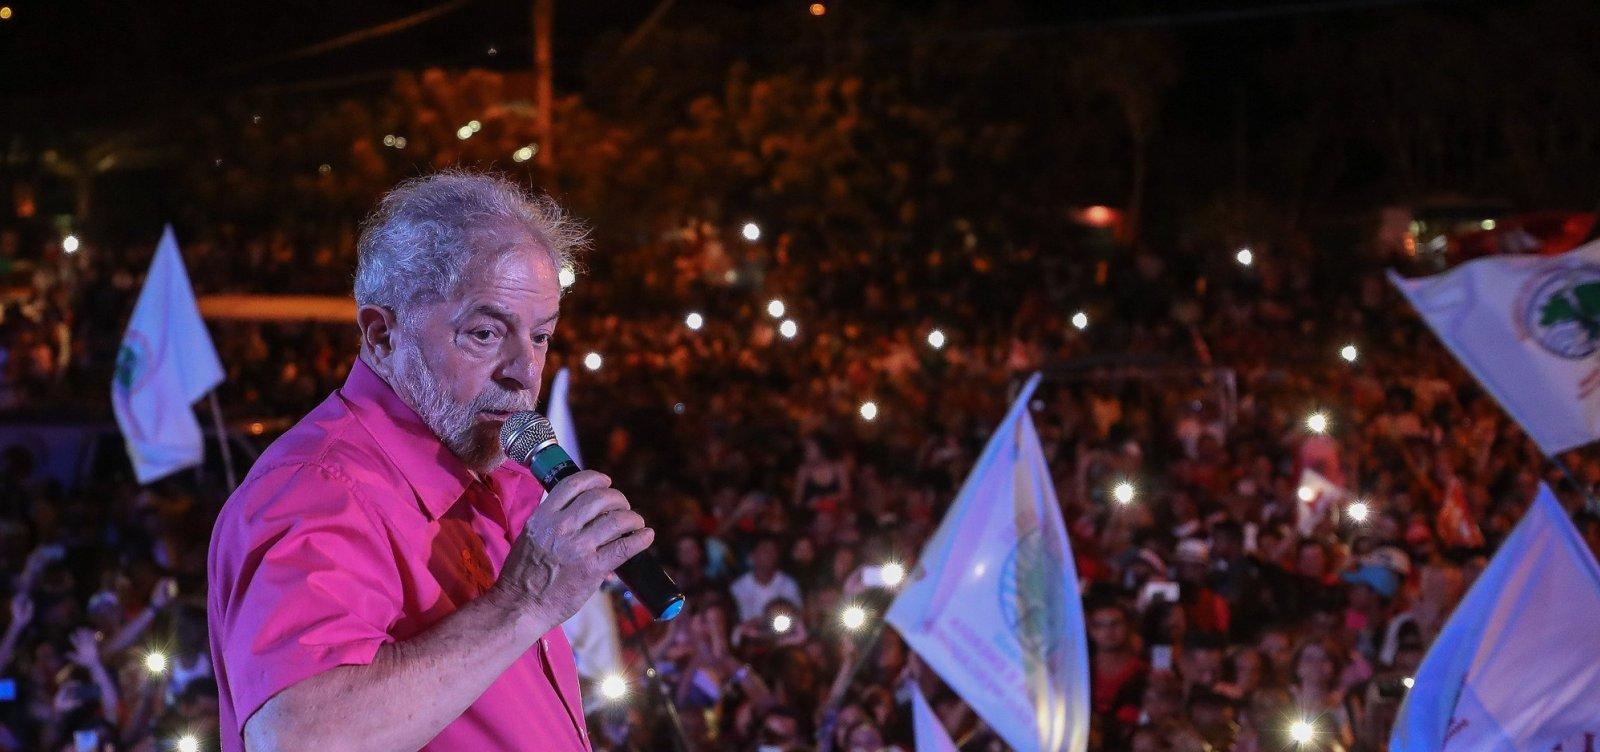 ['Não podemos deixar o desespero levar o Brasil para uma aventura fascista', diz Lula, em carta]